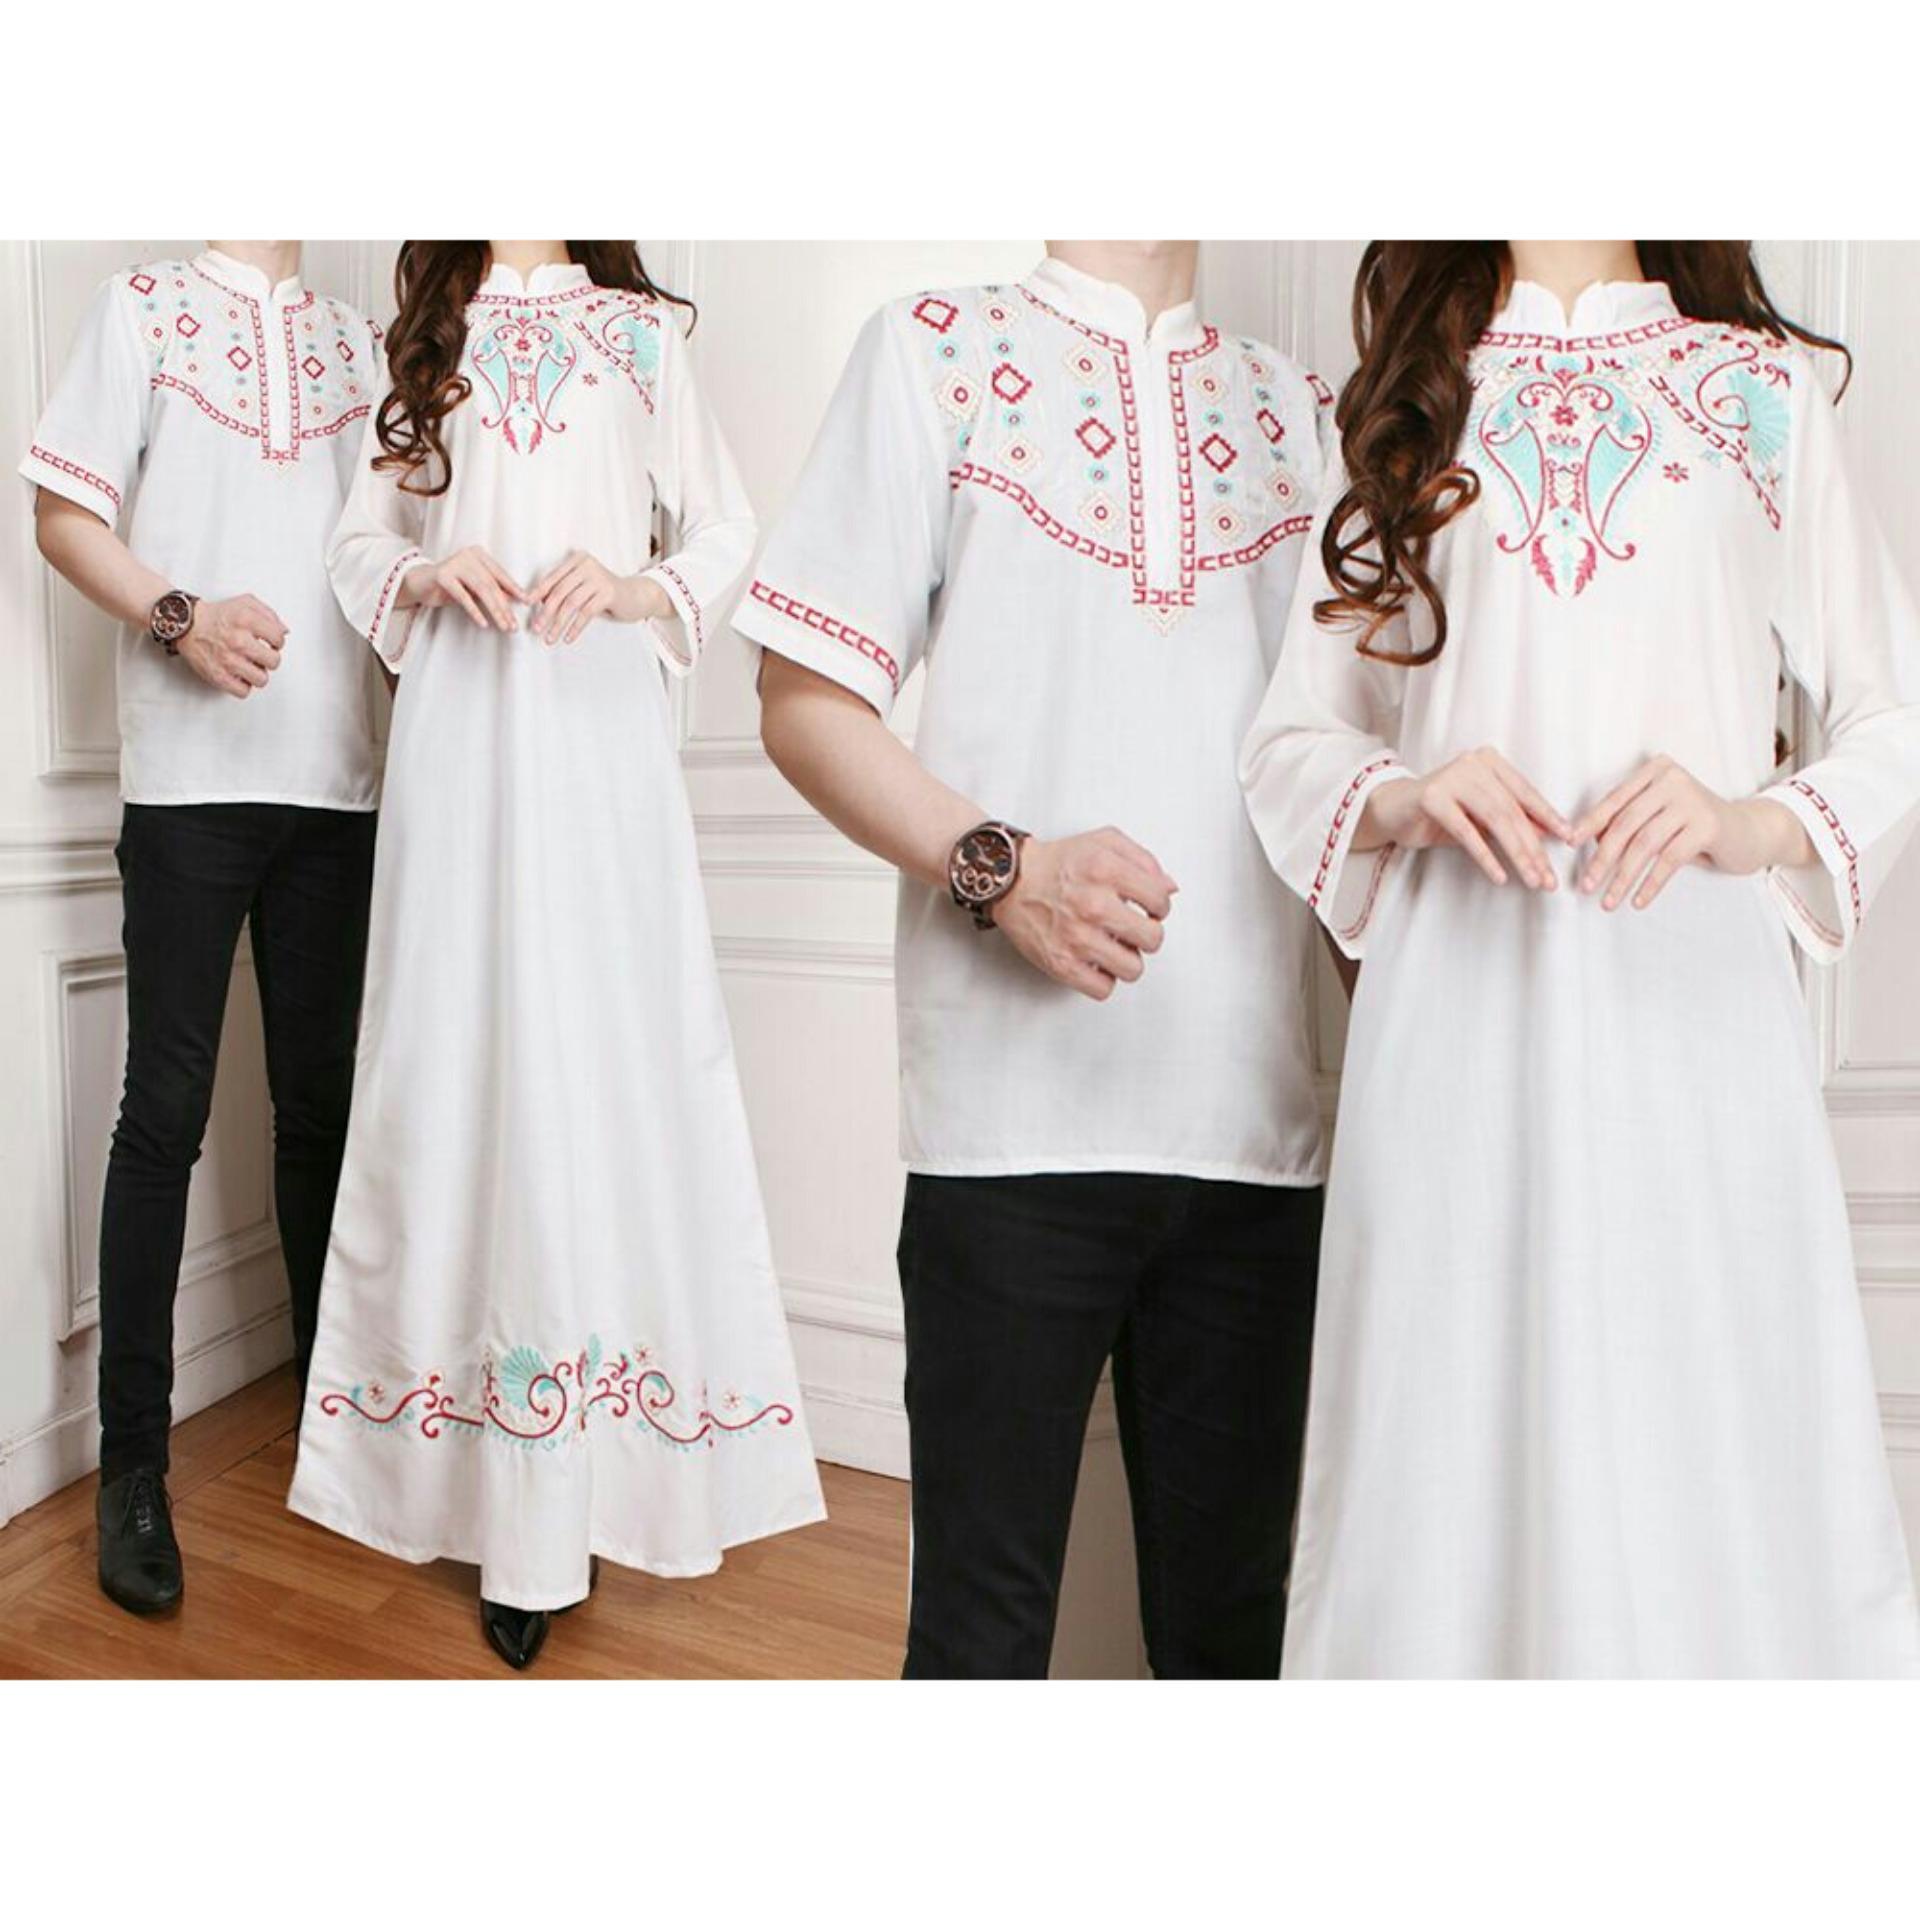 Baju Wanita Shop Batik Couple / Kemeja Gamis Muslim / Gaun Dress Hijab Muslim / Gamis Syar'i pasangan (wne egantel) SS - Putih D1C